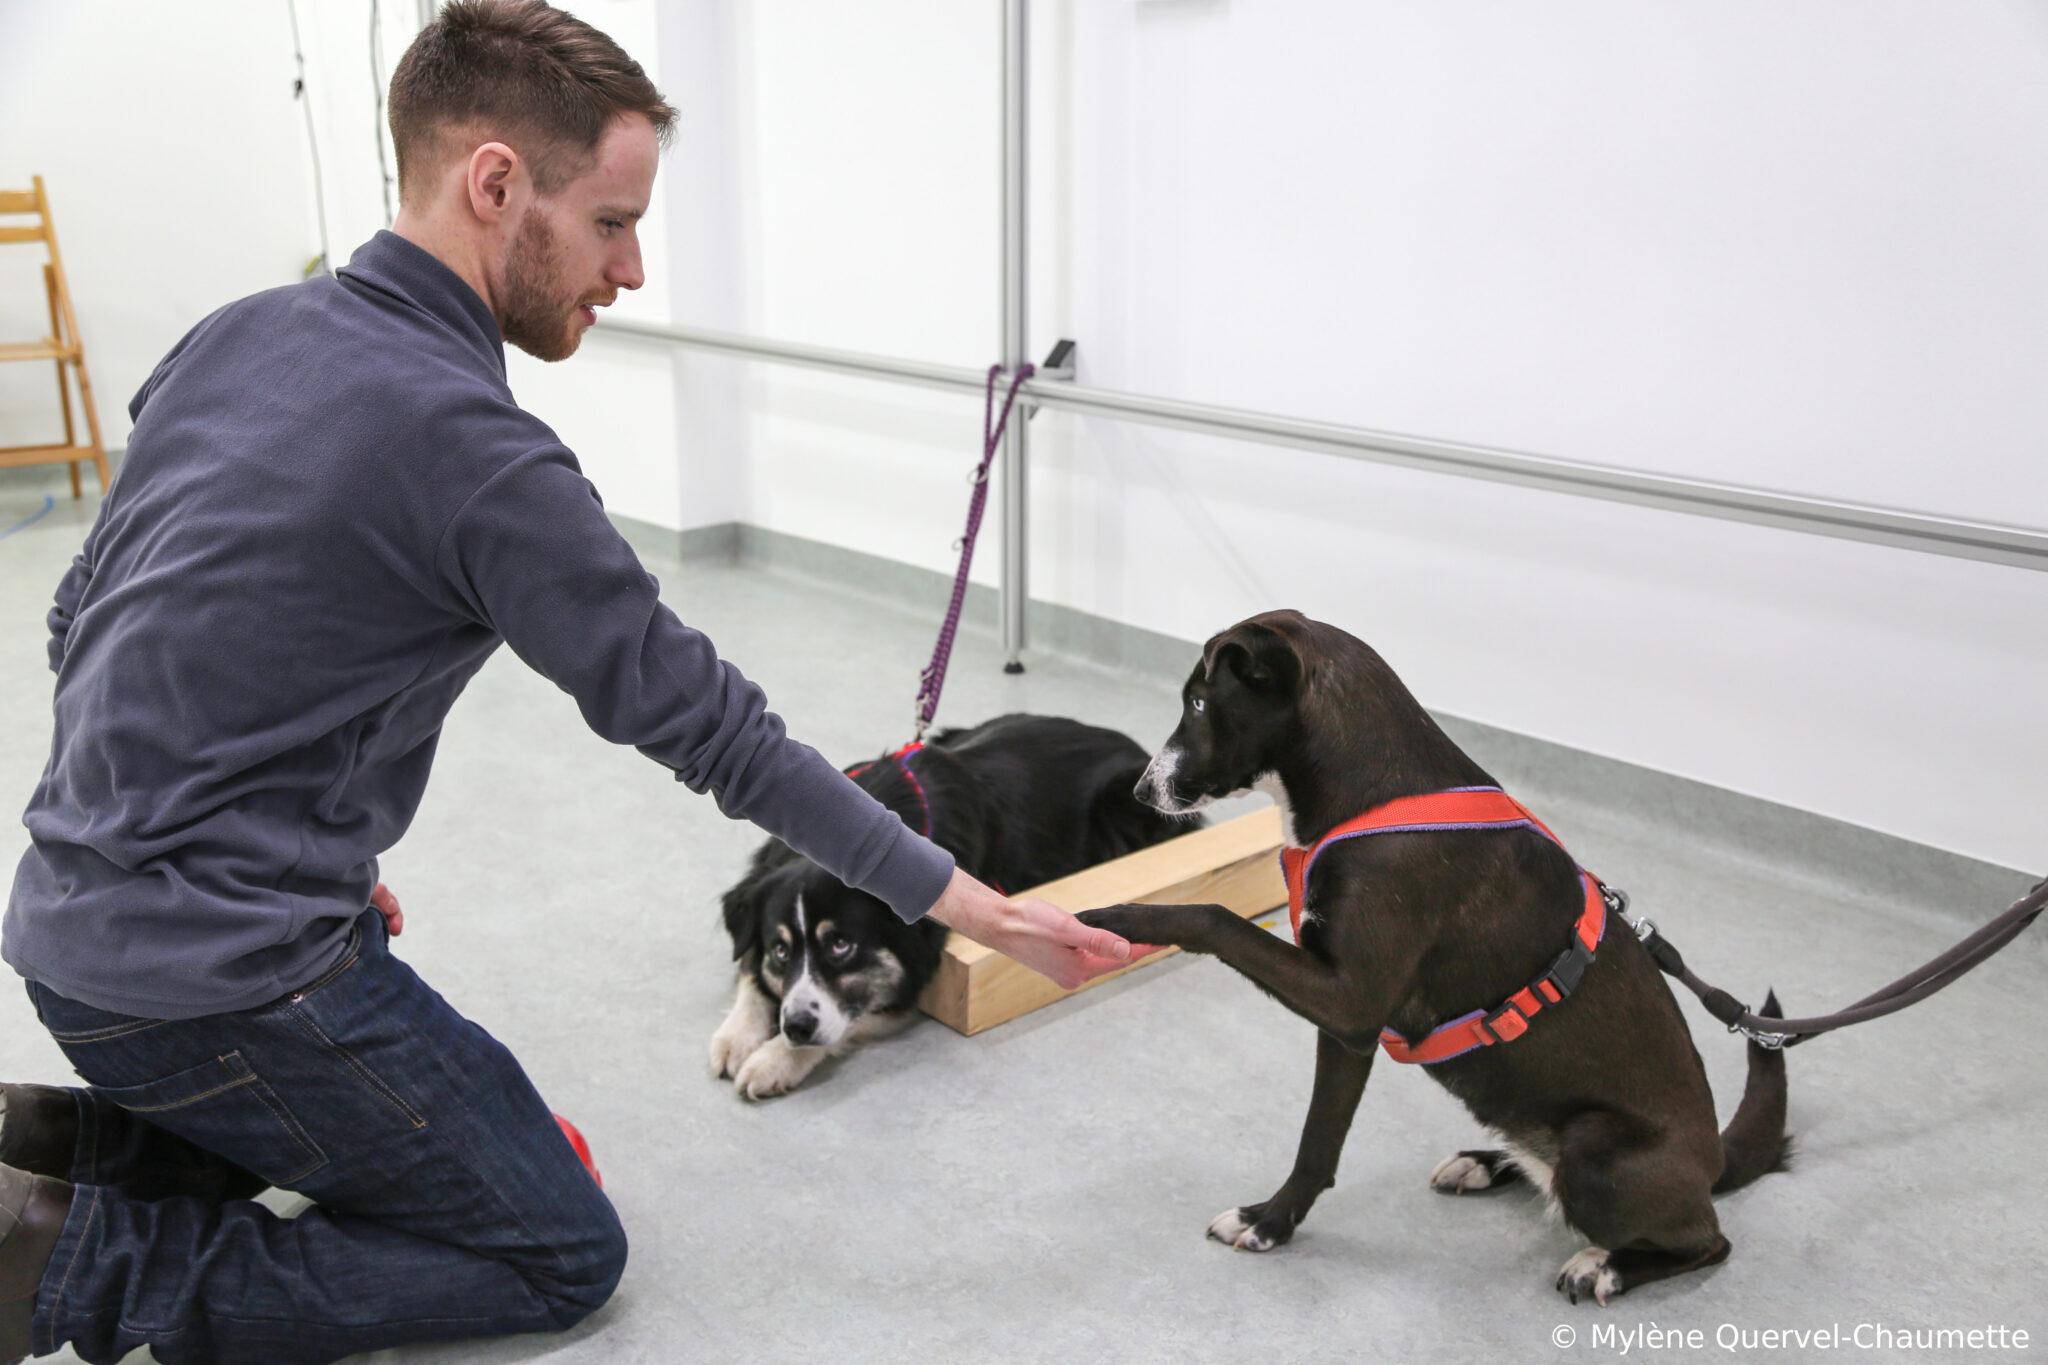 Ein Mann lässt sich von einem Hund Pfötchen geben, ein zweiter Hund liegt daneben